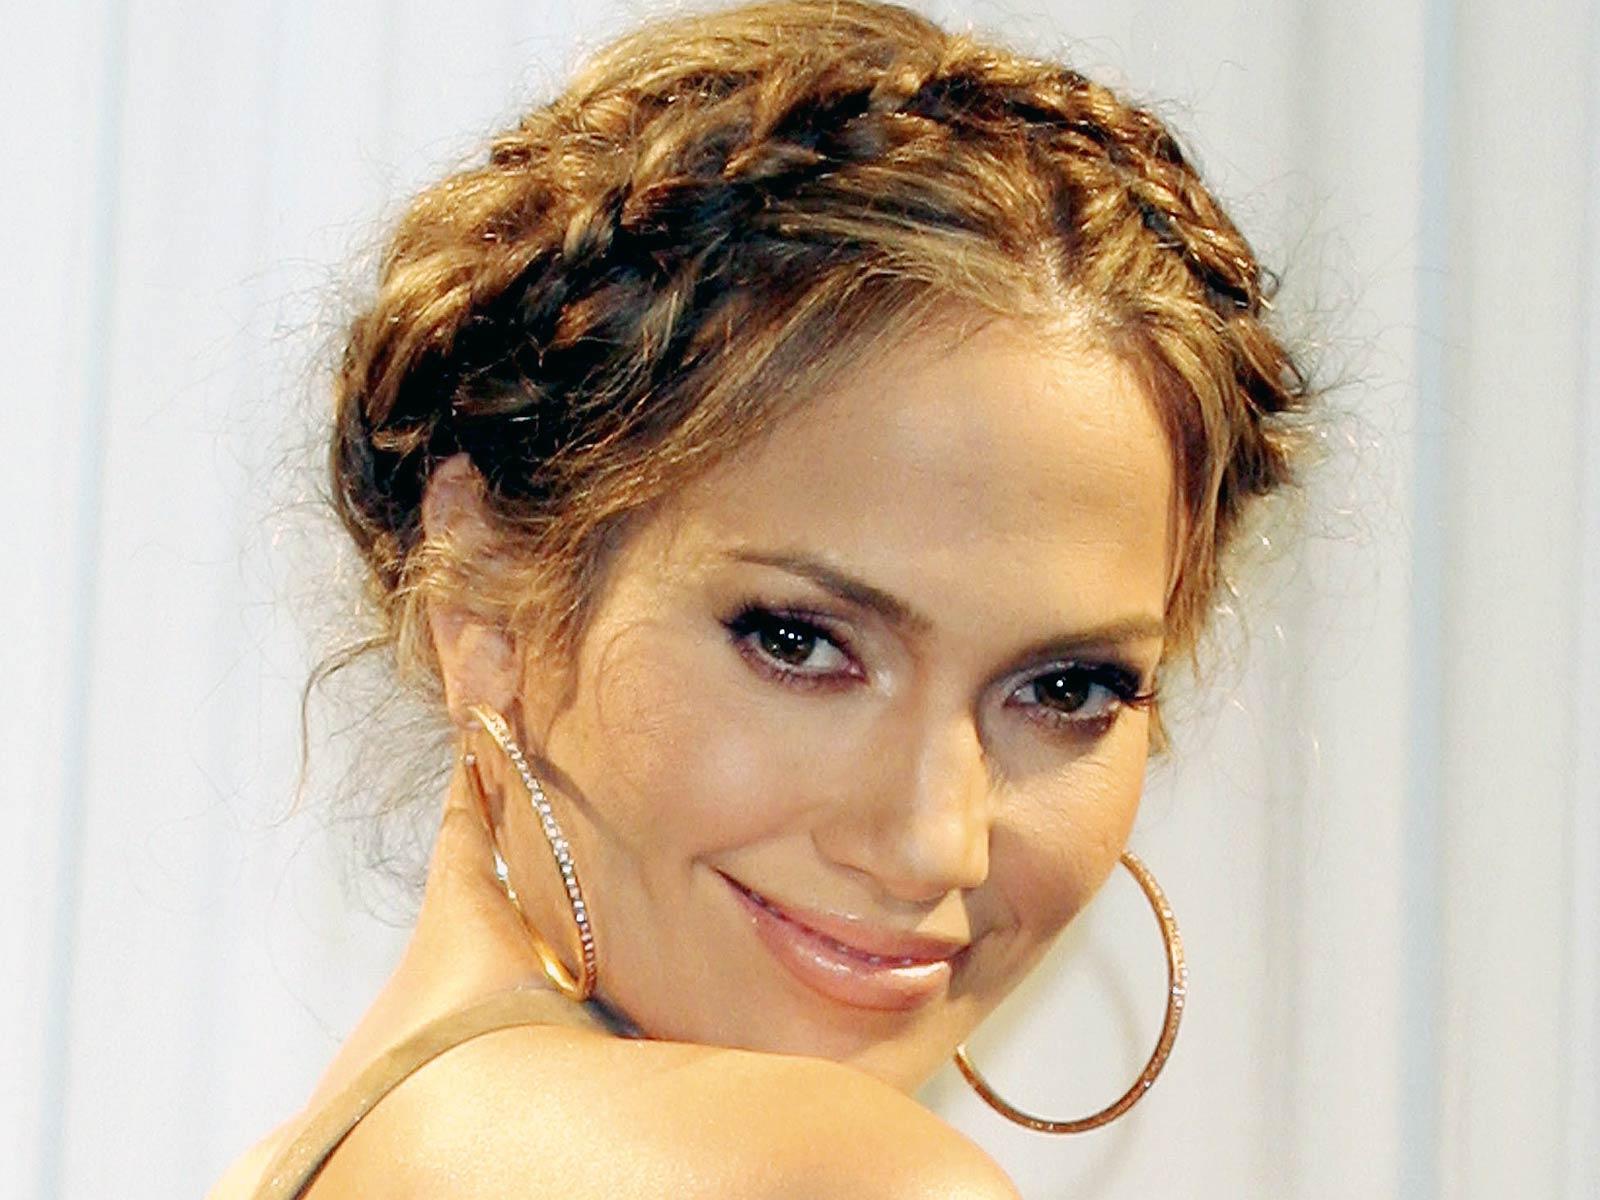 http://2.bp.blogspot.com/-L8IDXp09gjA/TbVN4c6gytI/AAAAAAAACiQ/15oLbA4kQG0/s1600/Jennifer%2BLopez%2B%2B10.jpg